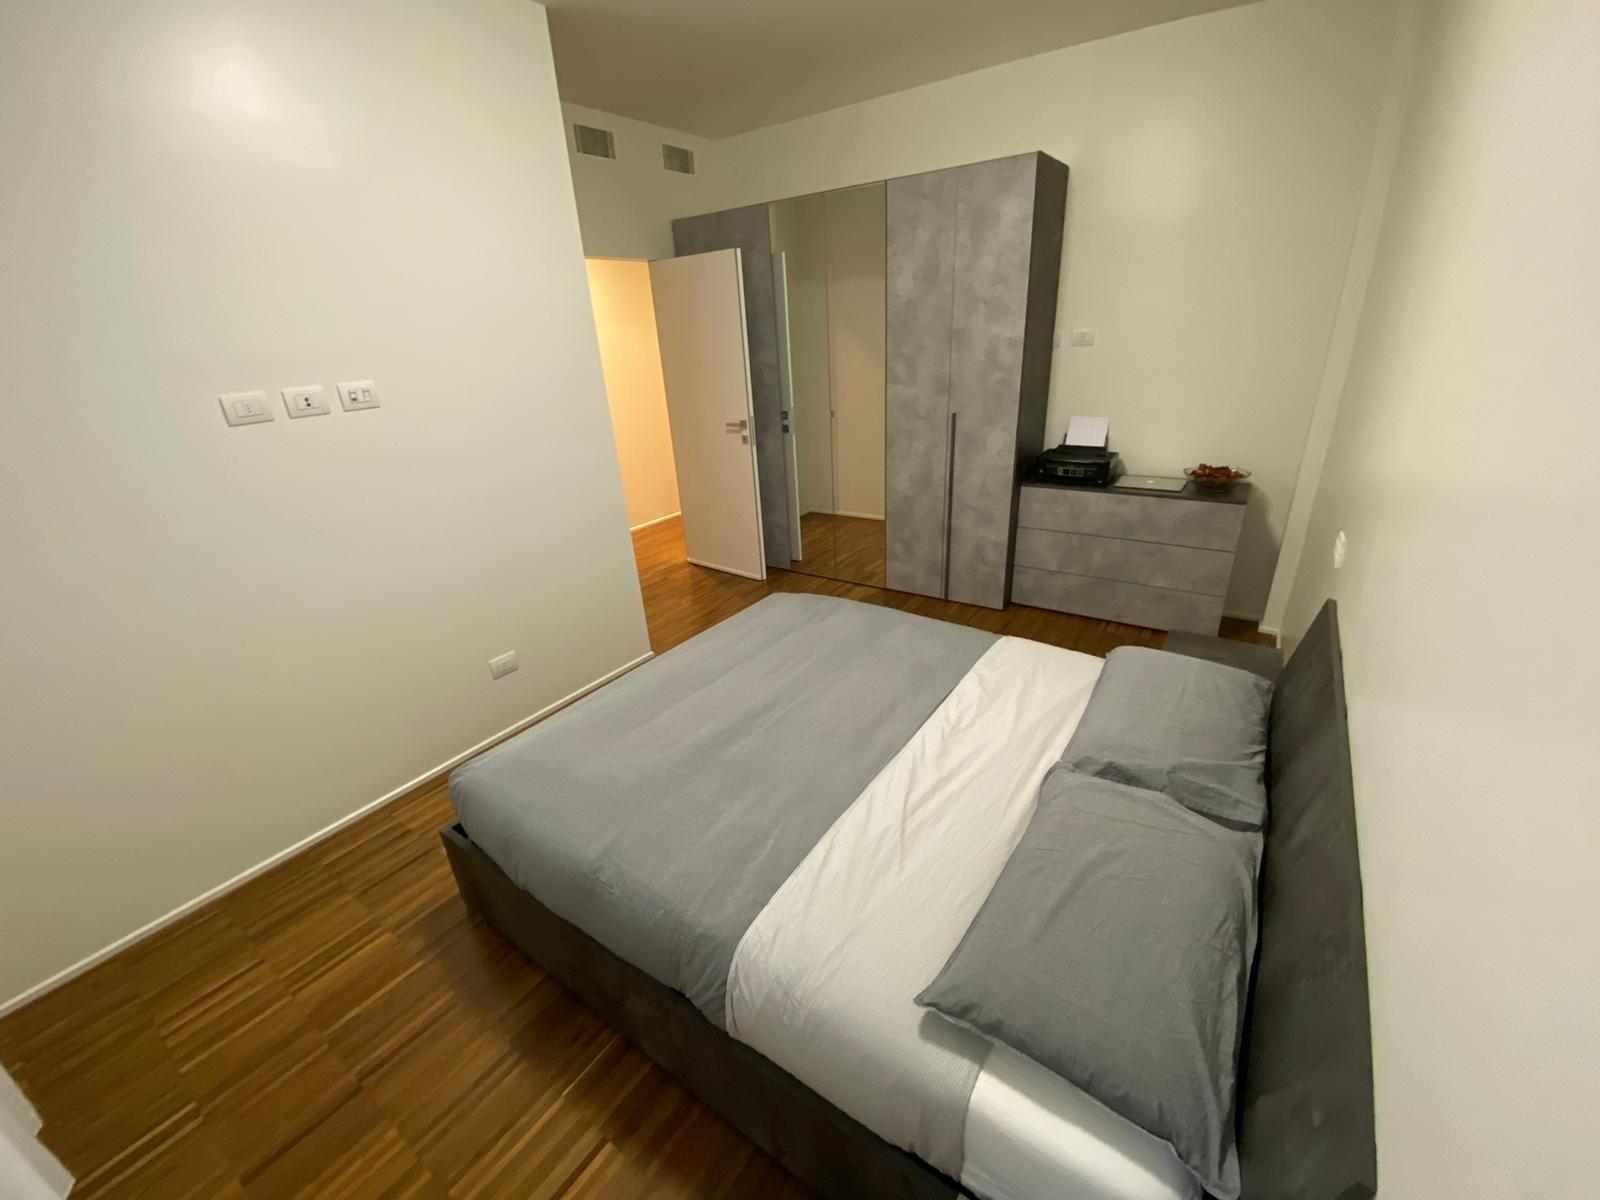 Appartamento-in-vendita-3-tre-locali-terrazzo-giardino-nuova-costruzione-spaziourbano-immobiliare-vende-milano-13